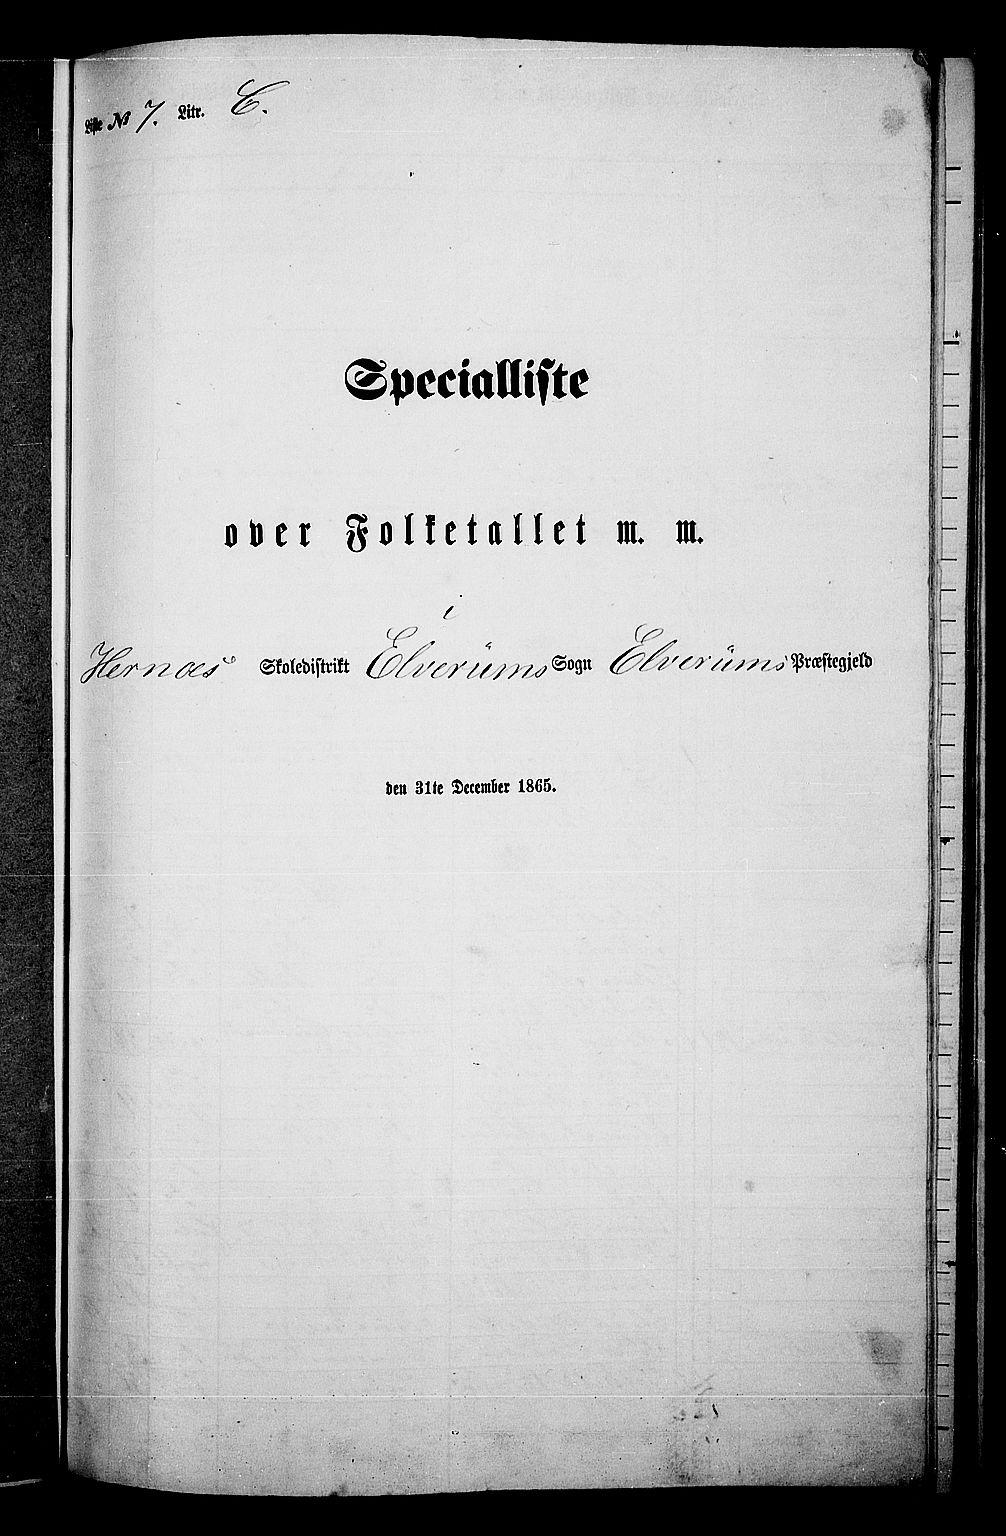 RA, Folketelling 1865 for 0427P Elverum prestegjeld, 1865, s. 178